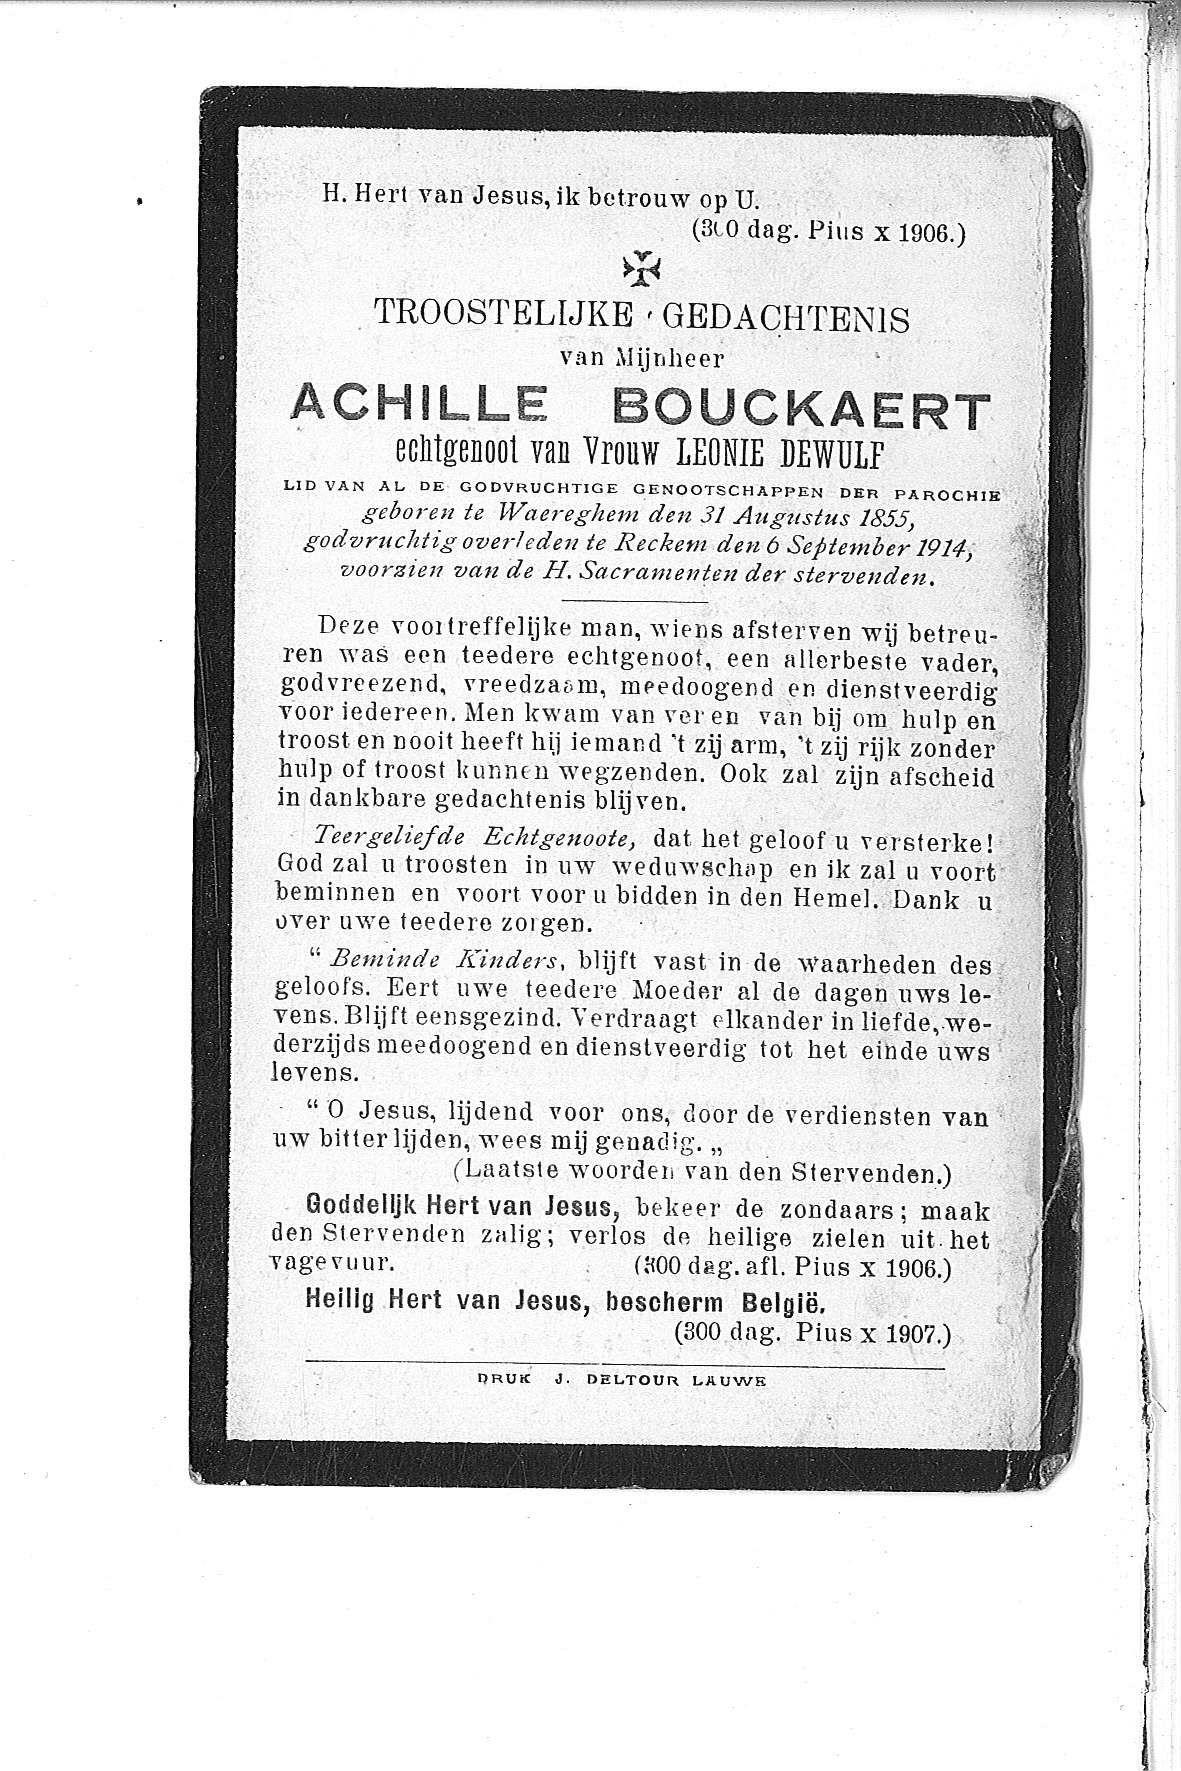 Achille (1914) 20110616095213_00002.jpg